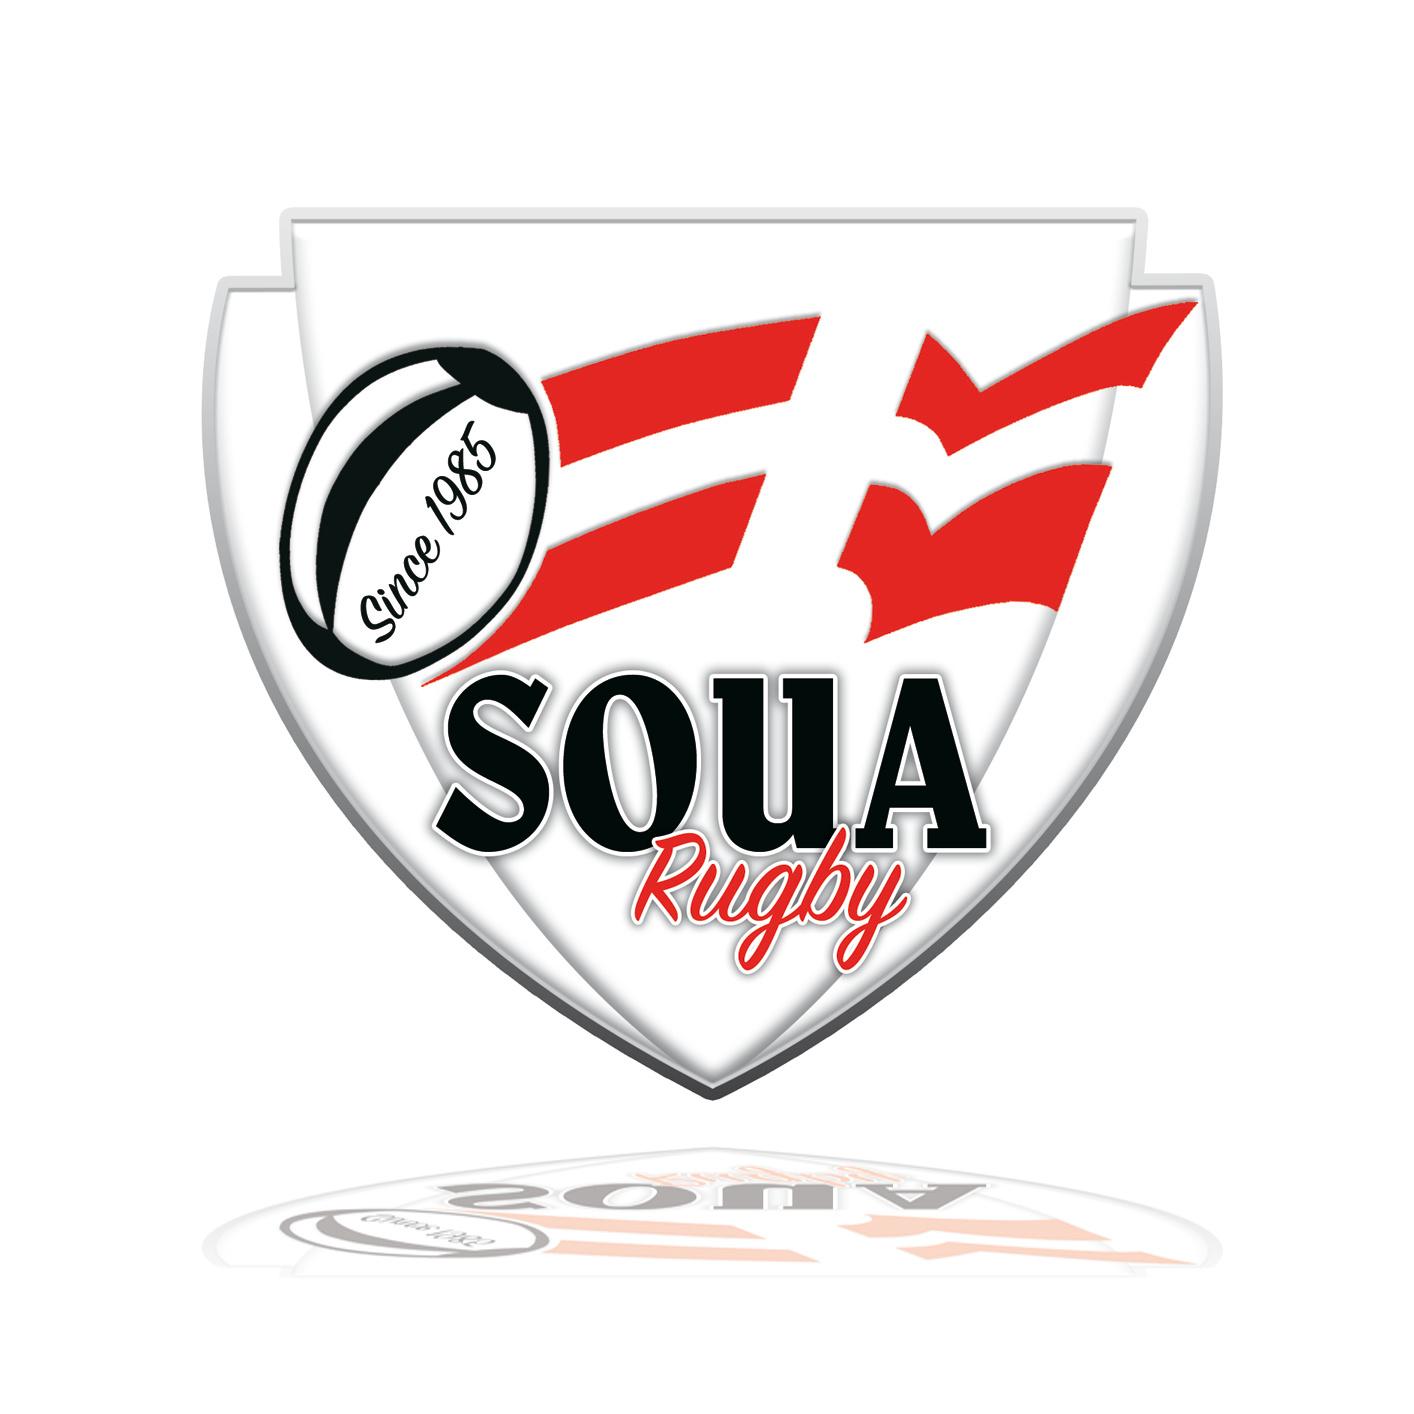 relooking logo SOUA